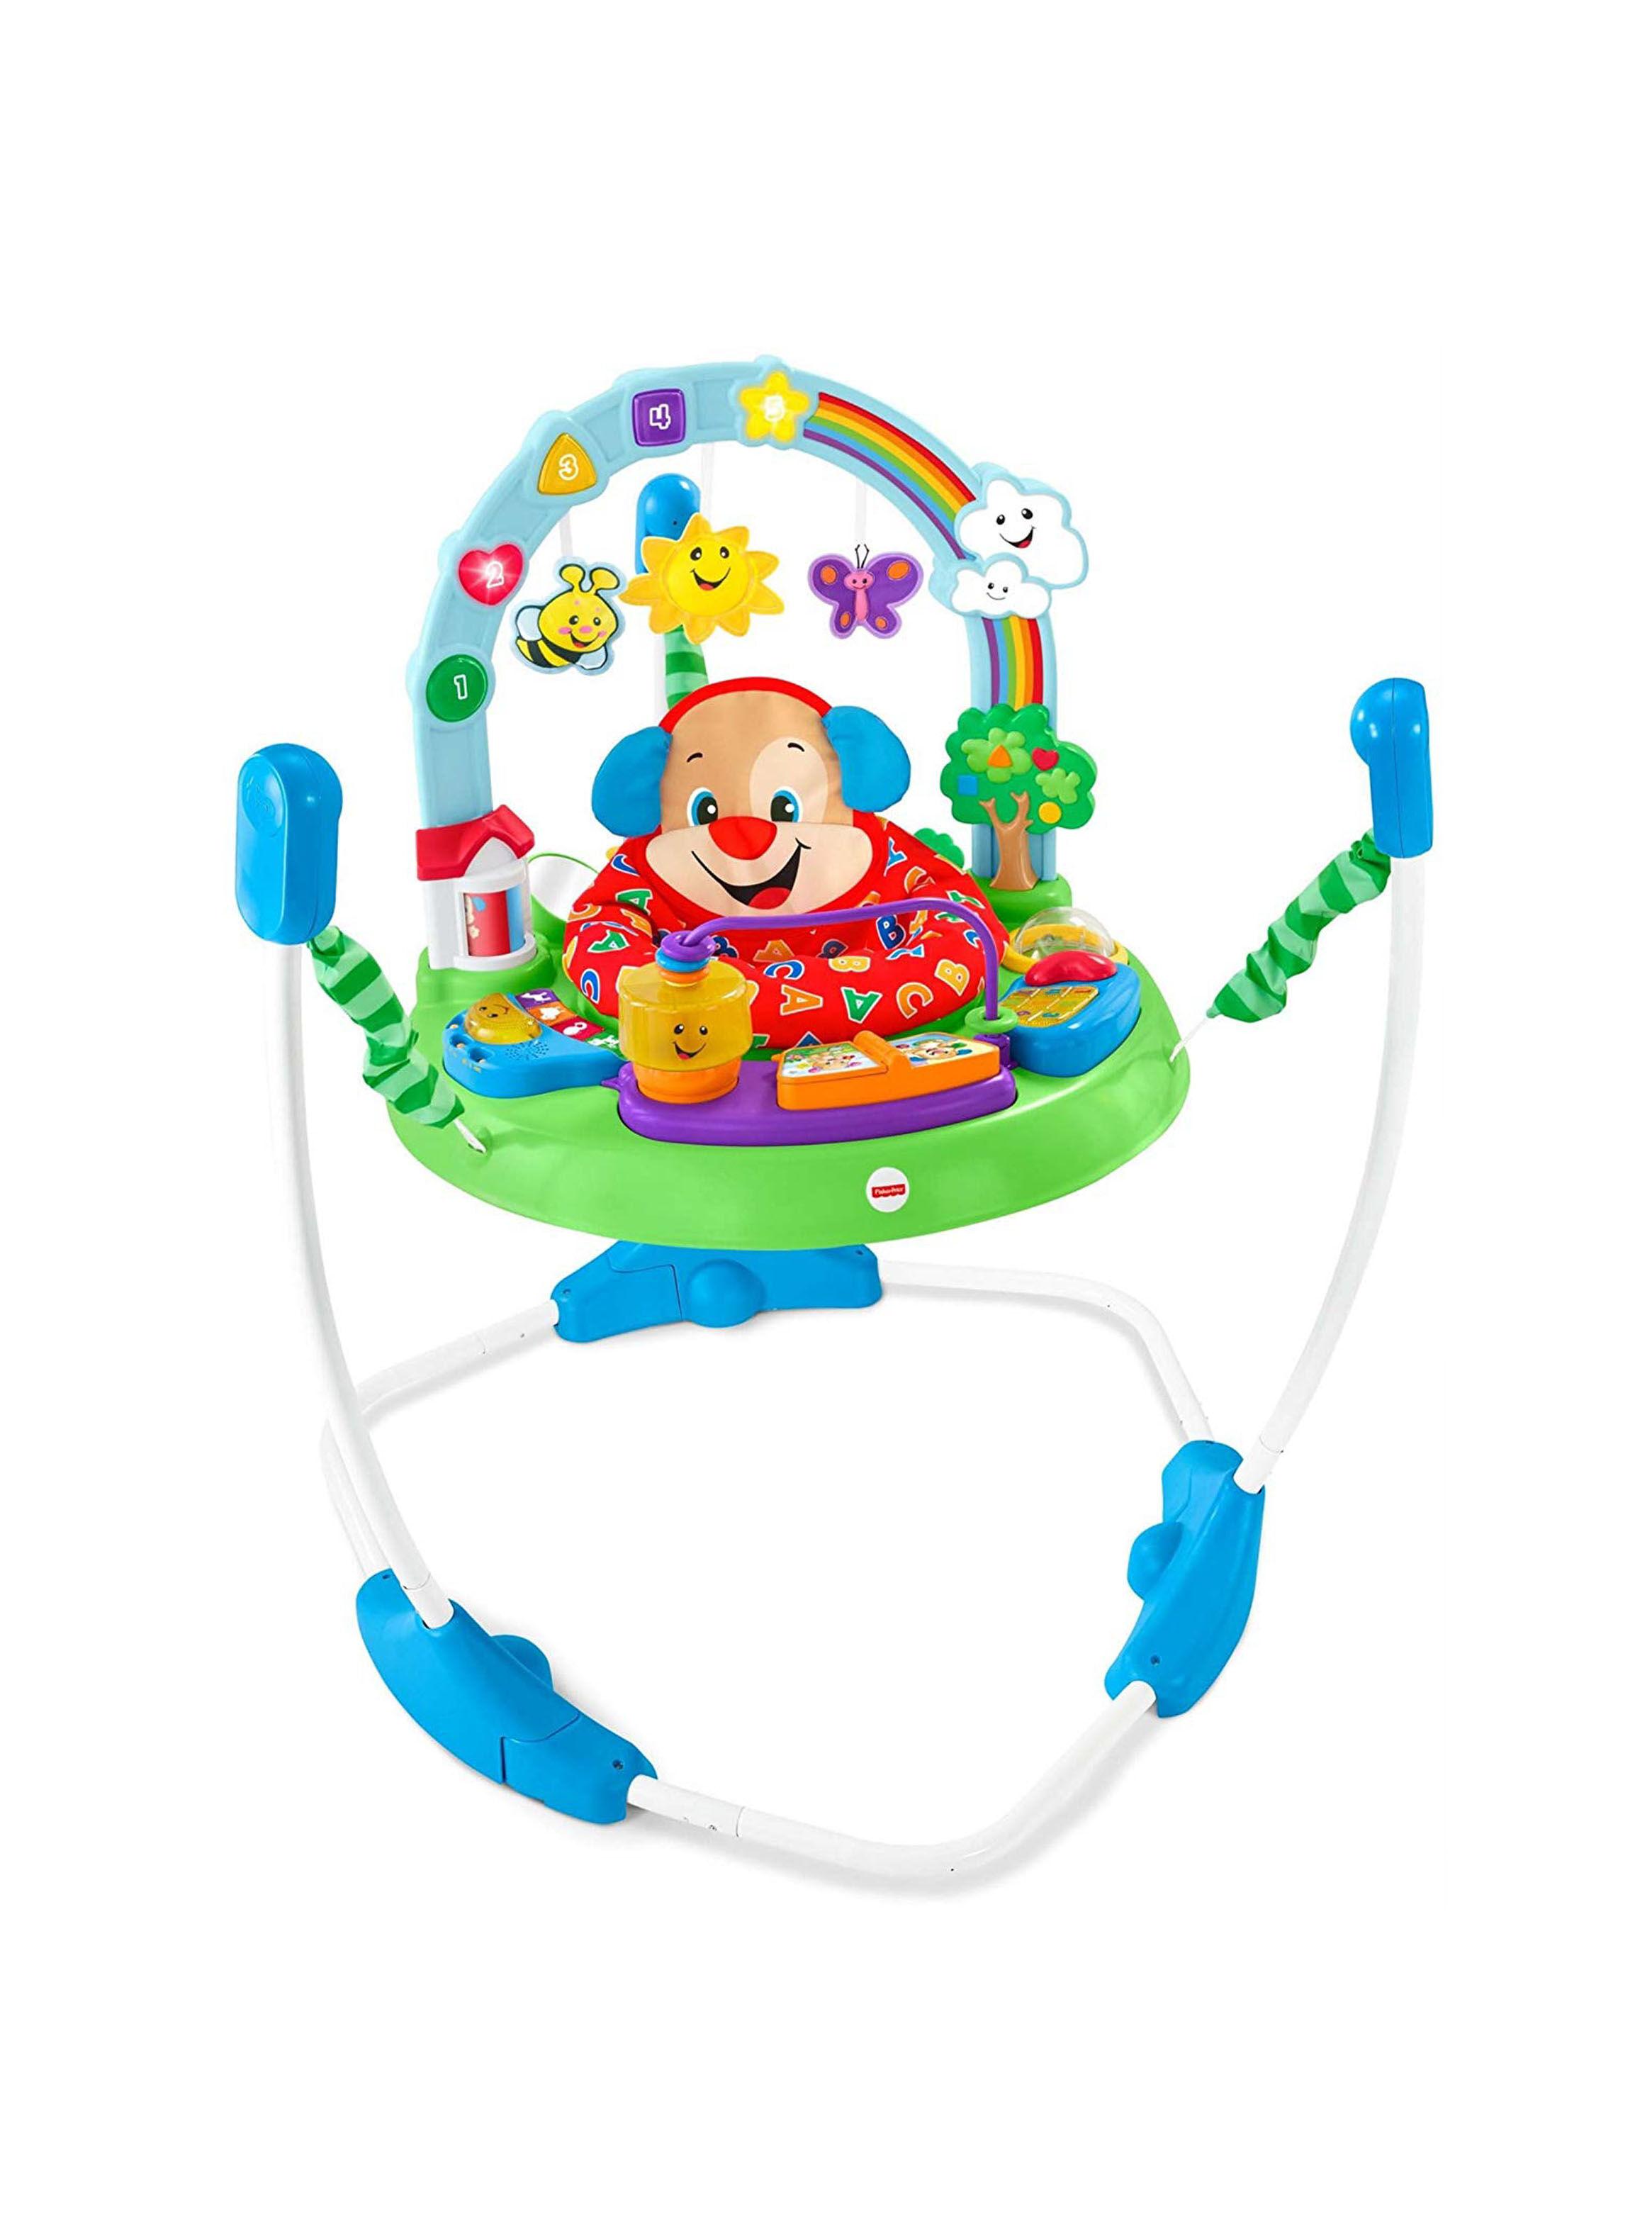 Tu BebéParis Entretención Para Bebés La Toda Juguetes cl qpSVUzMG